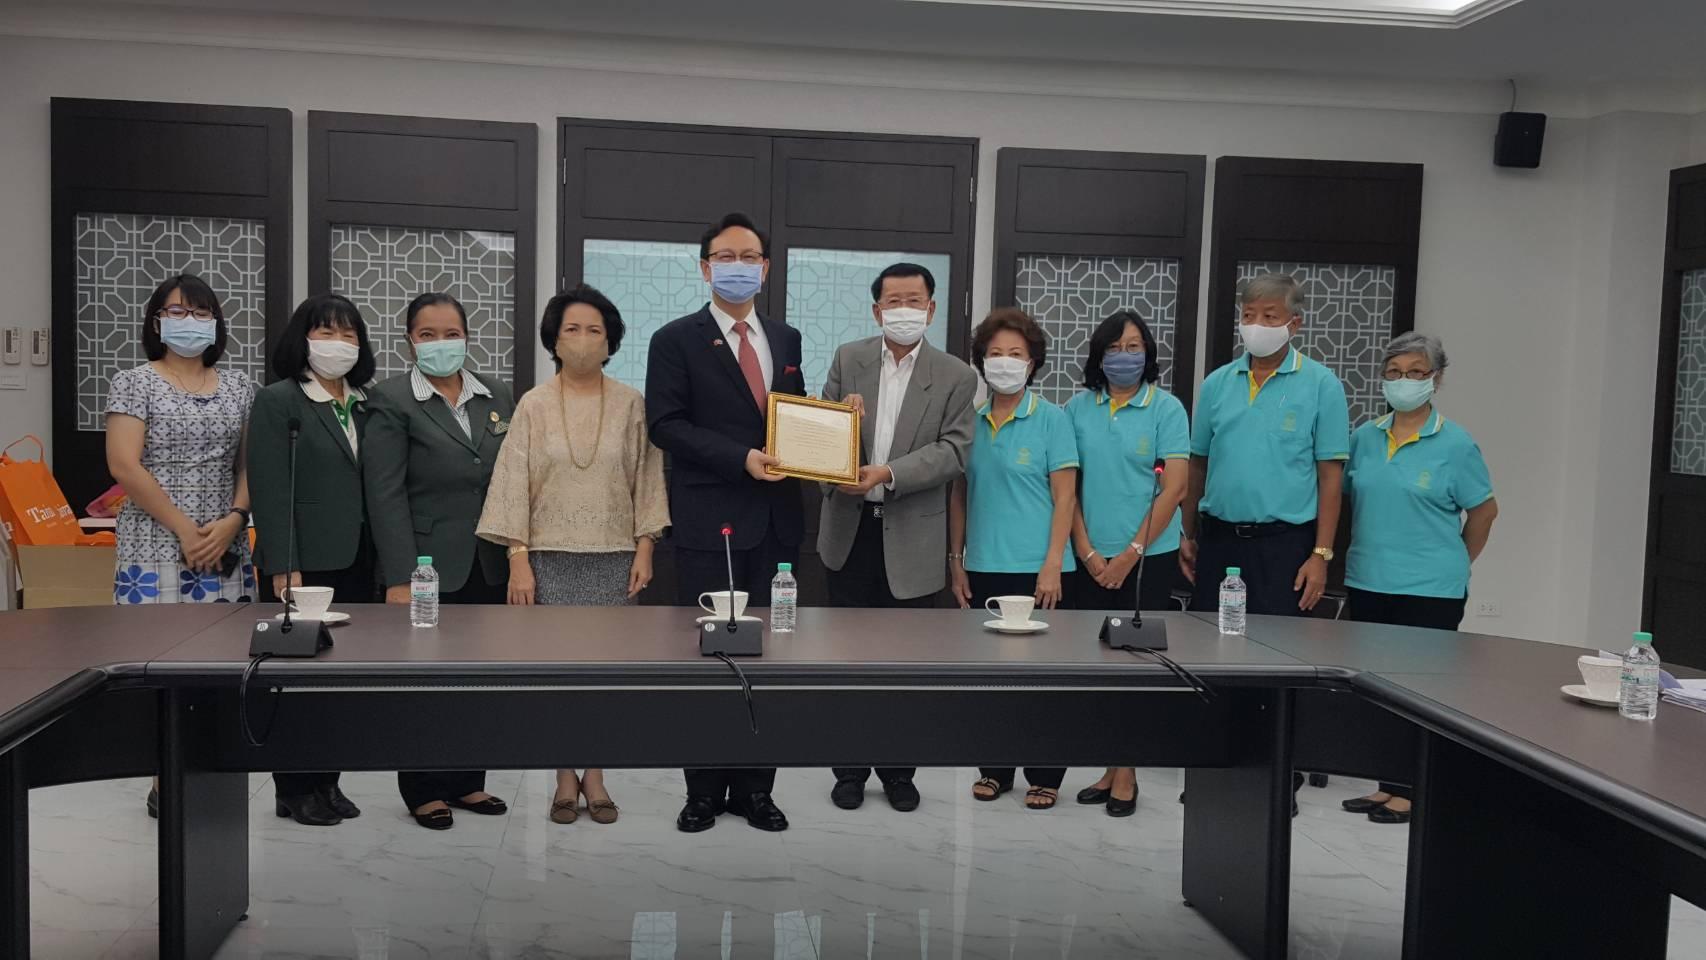 เยี่ยมคารวะท่านทูตไต้หวัน ในโอกาสครบวาระการทำหน้าที่ในประเทศไทย